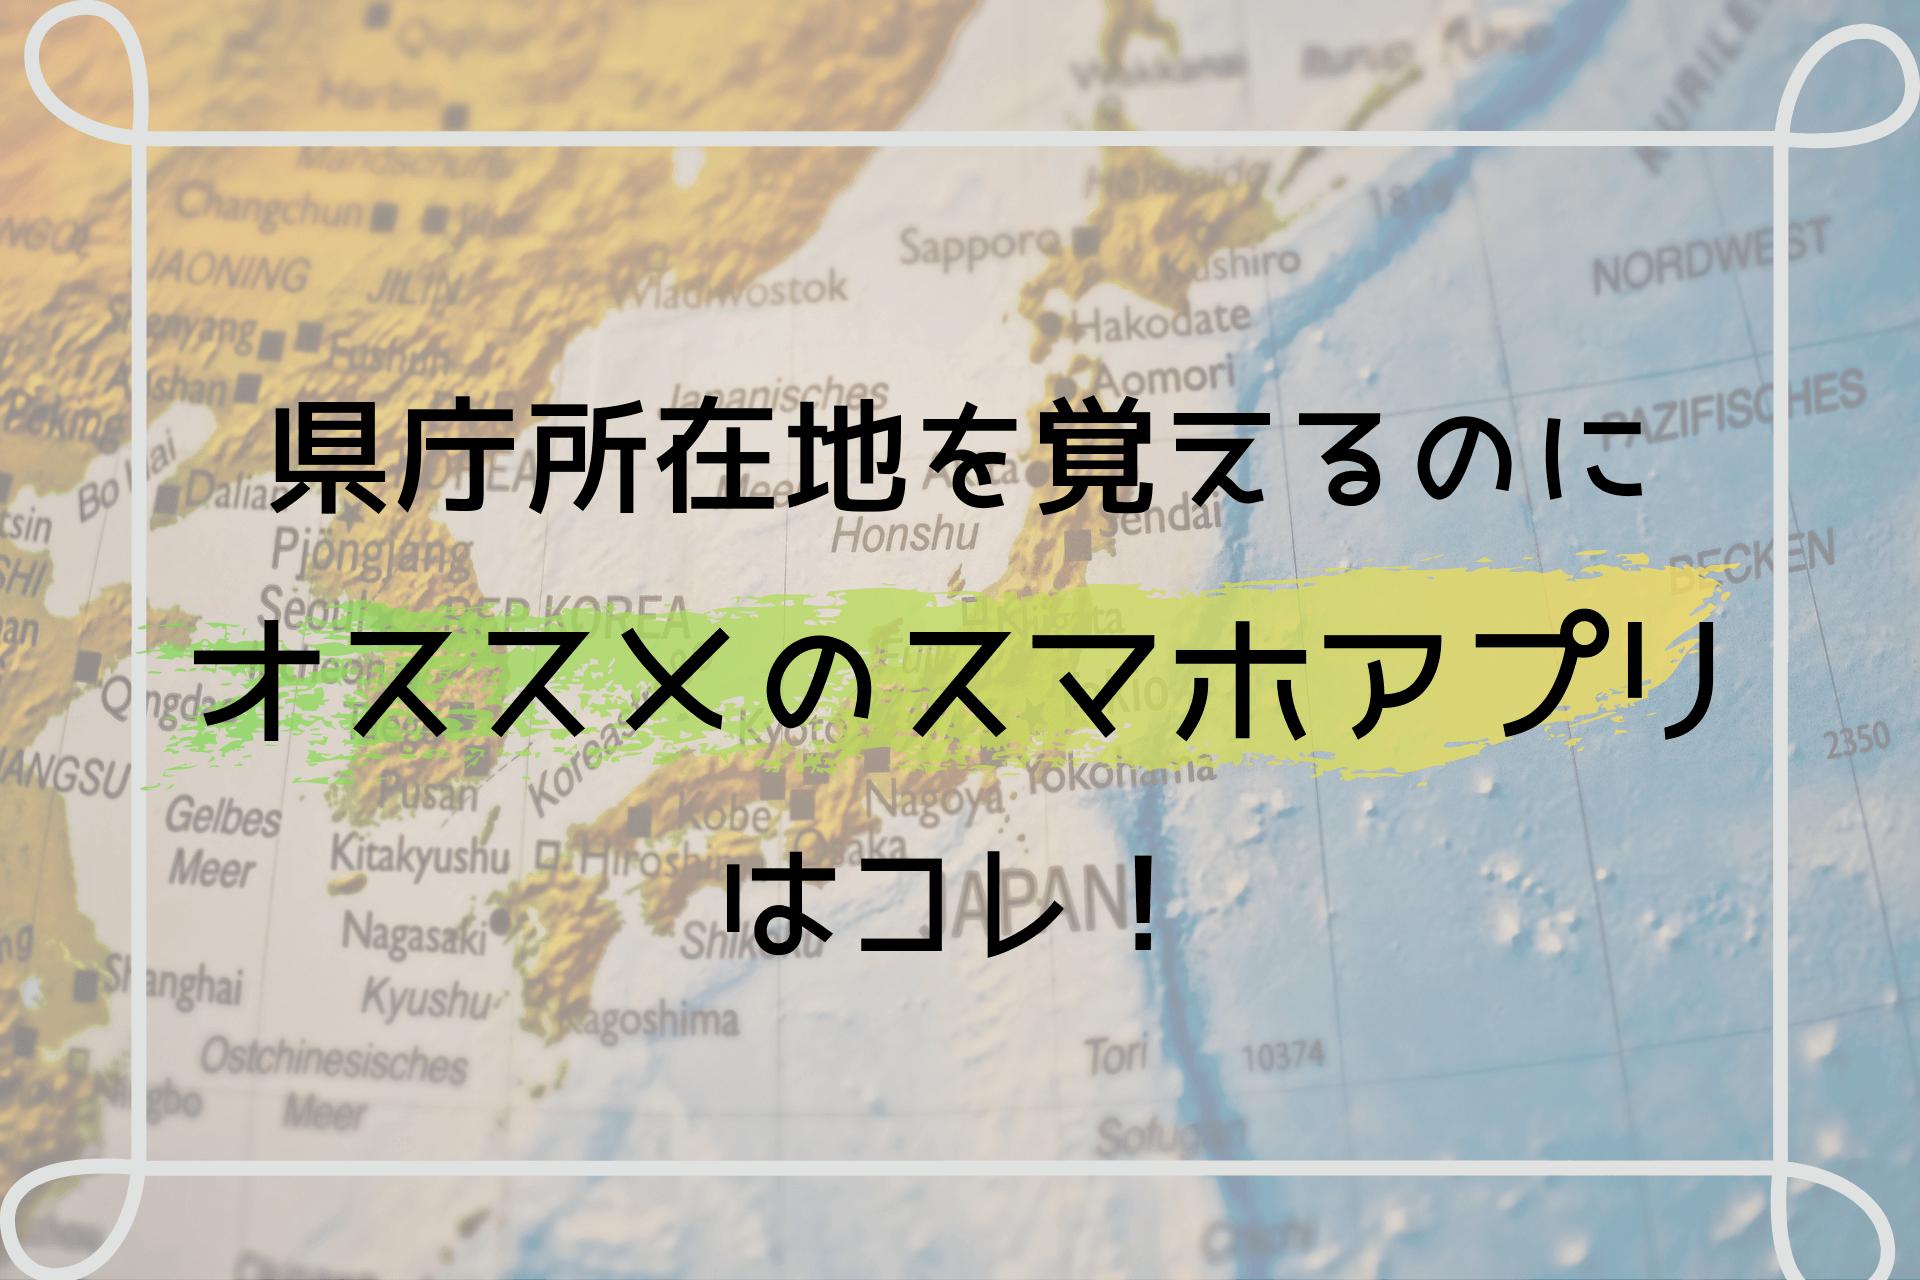 県庁所在地を覚えるのにオススメのスマホアプリはコレ! (1)